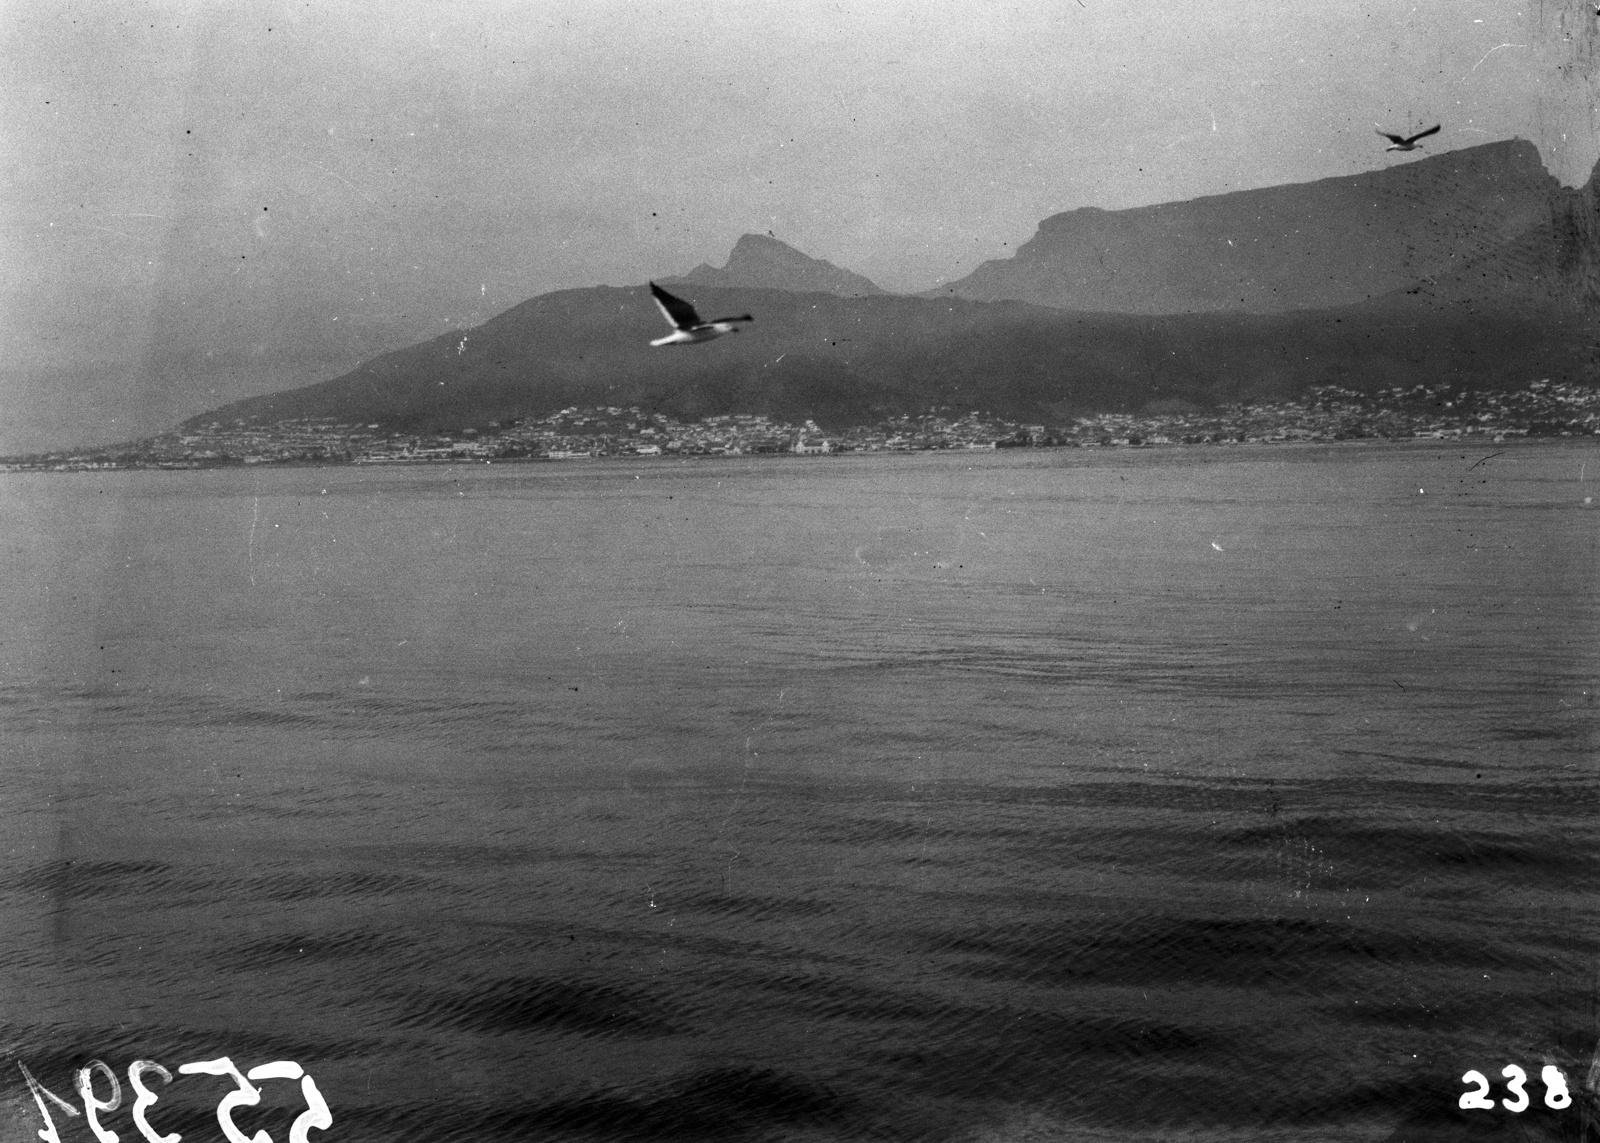 Южно-Африканский Союз. Порт-Элизабет. Чайки над морем